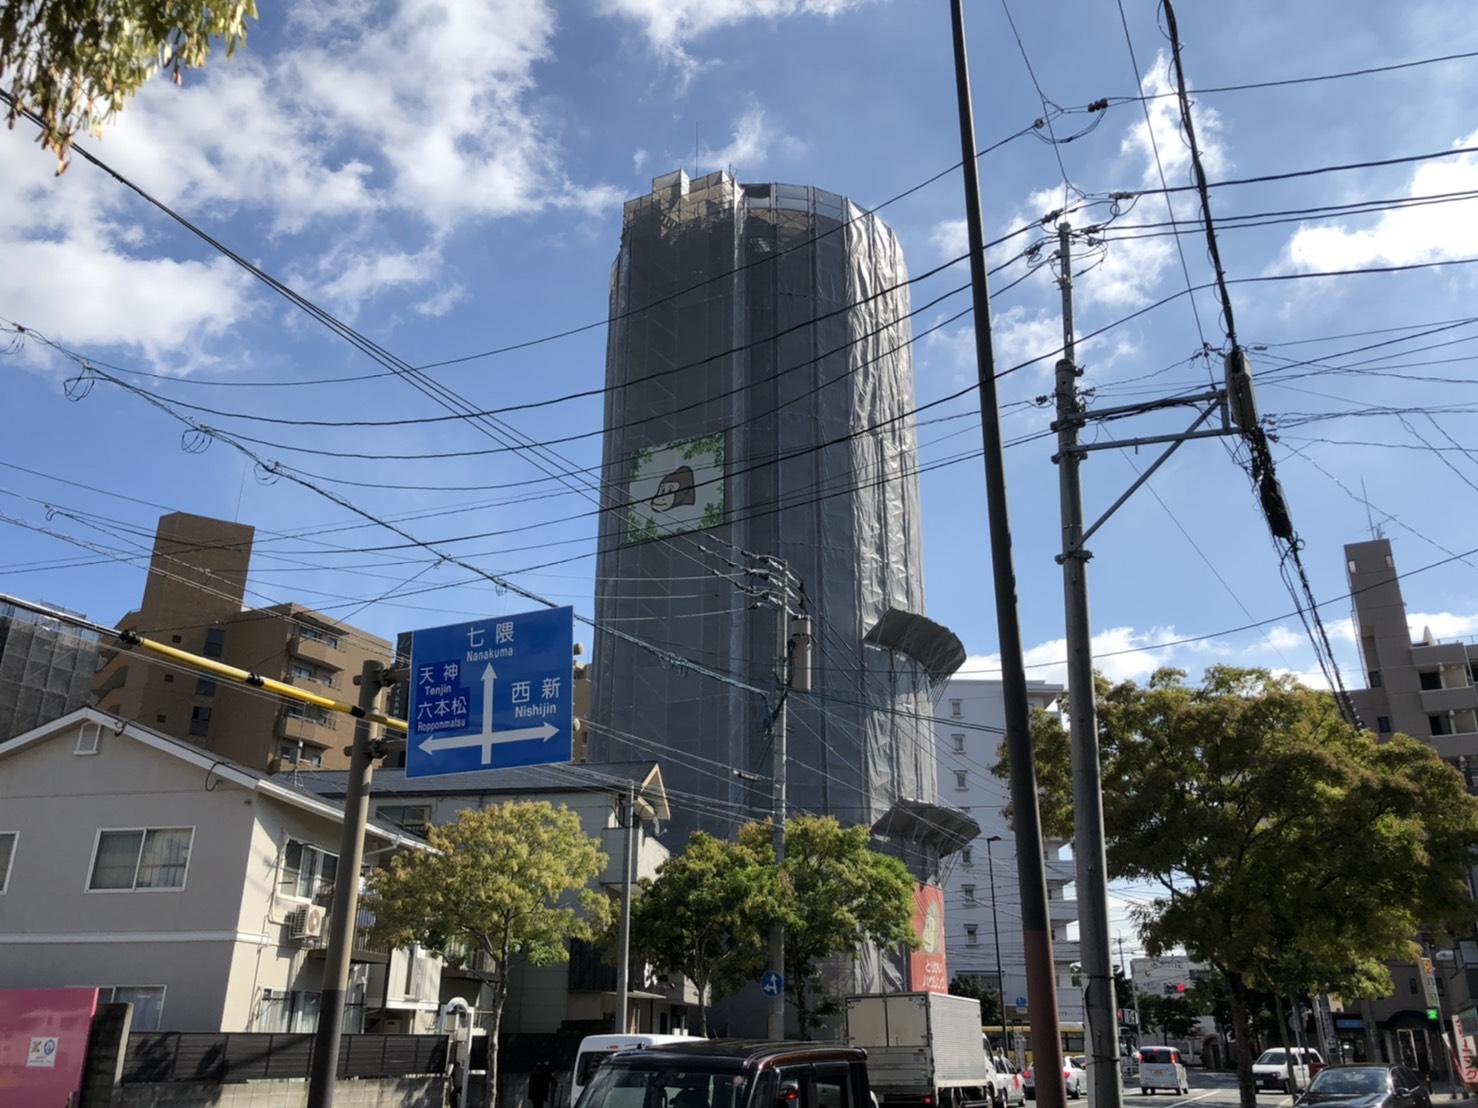 福岡県福岡市中央区 鳥飼タワービル 改修工事 足場①